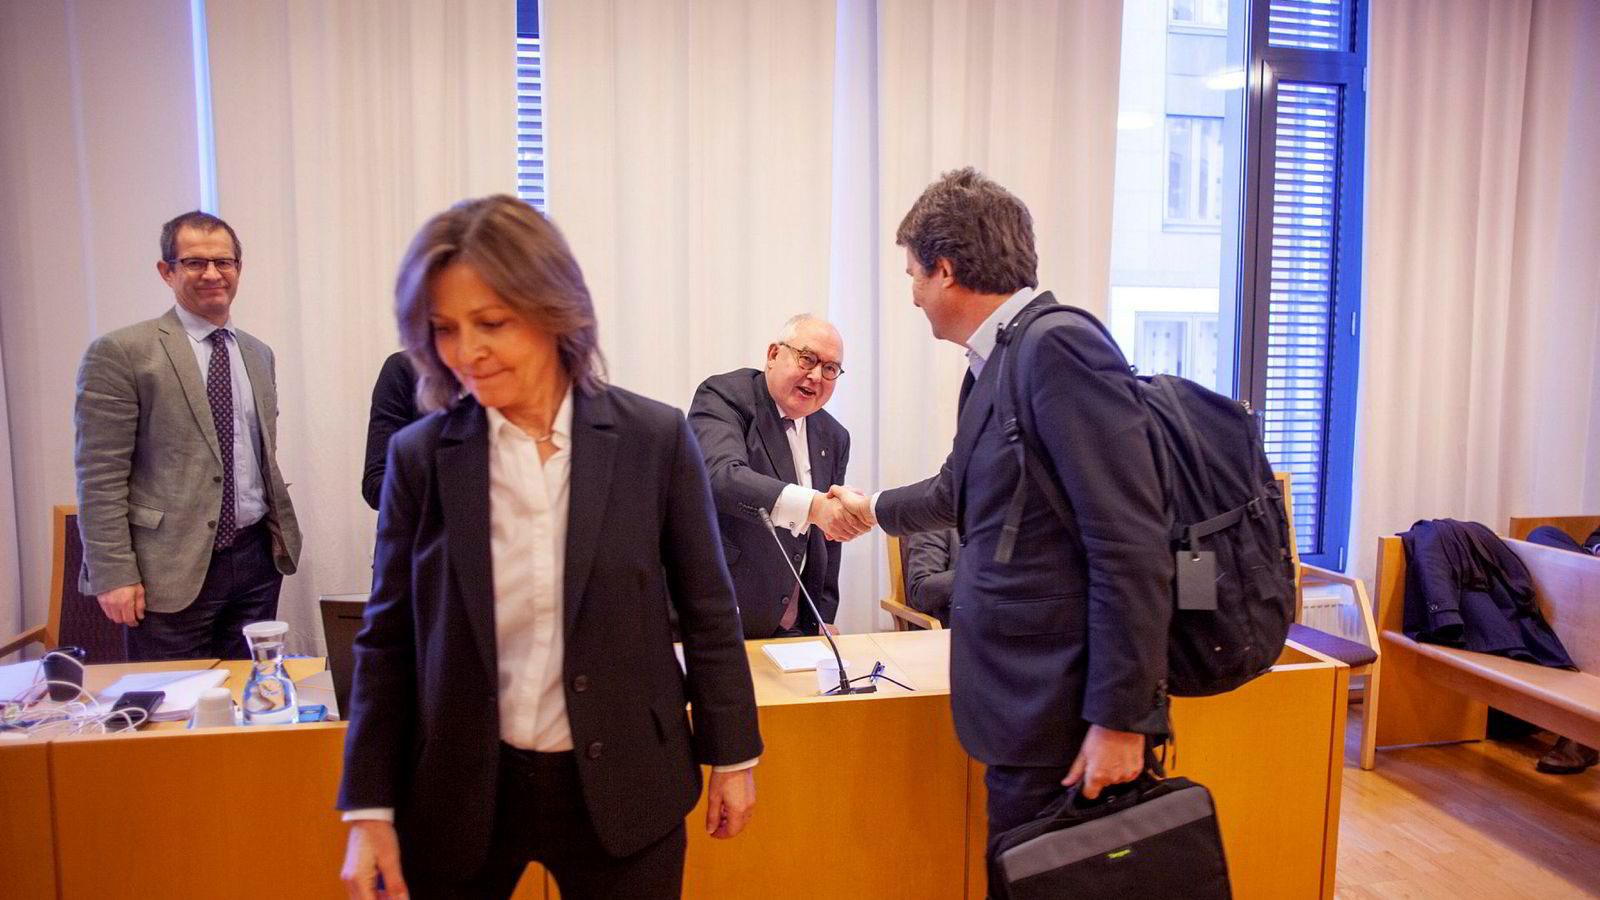 Polaris Media saksøkte sin gamle advokat, Trond Vernegg, for dårlige råd. Fra venstre: Advokat Jan B. Jansen fra BAHR, Advokat Cecilie Amdahl fra Schjødt, advokat Trond Vernegg fra Arntzen de Besche og konsernsjef Per Axel Koch i Polaris Media.